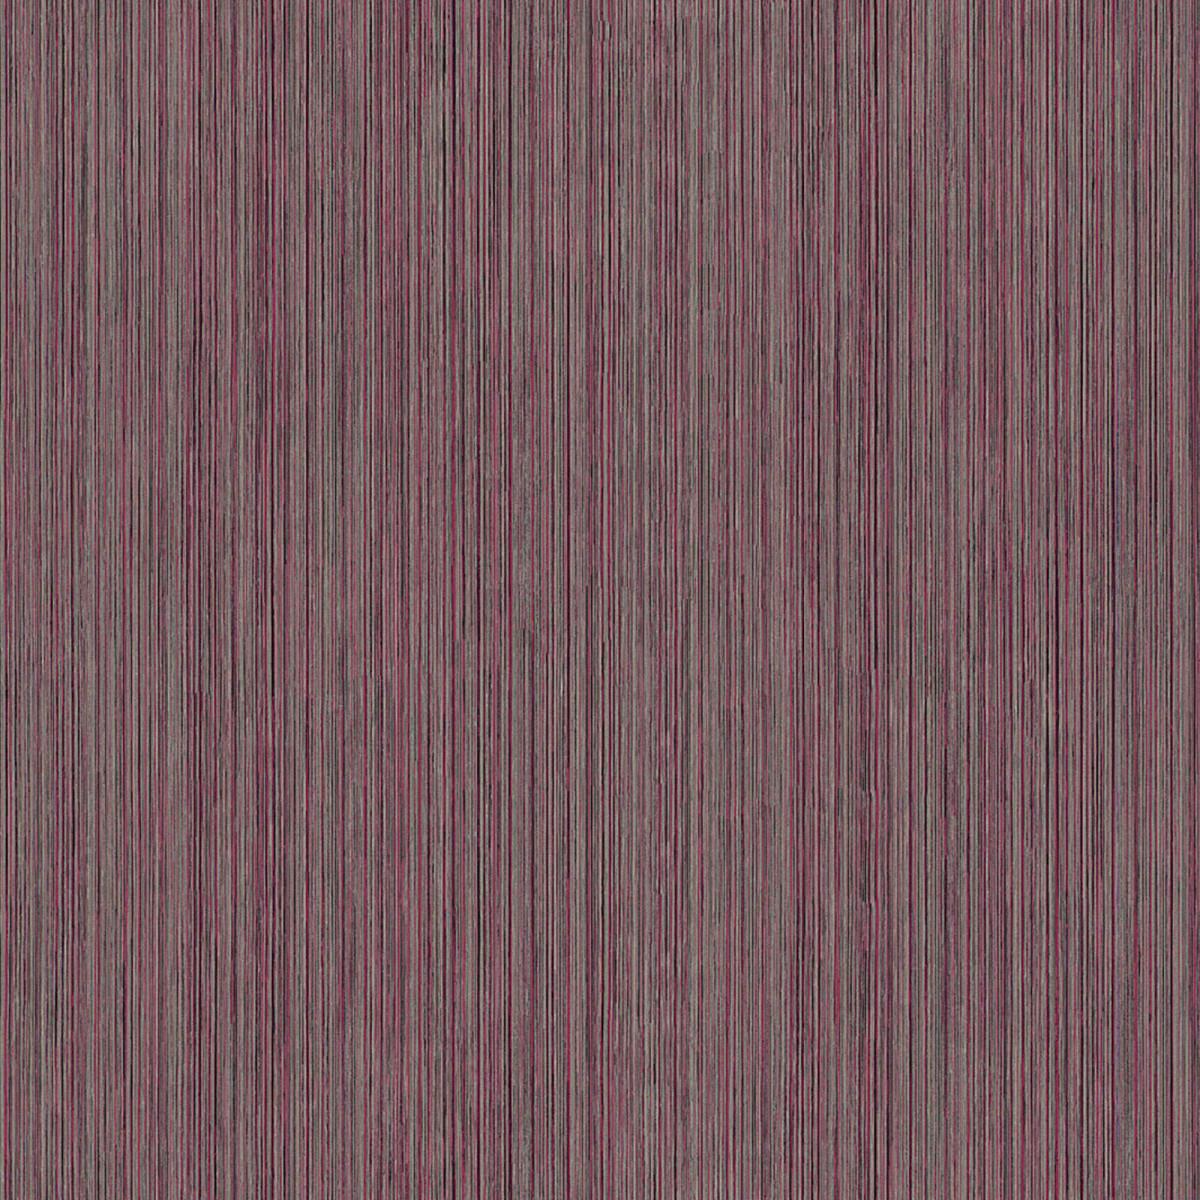 Обои флизелиновые Rasch New Authority розовые 713817 0.53 м